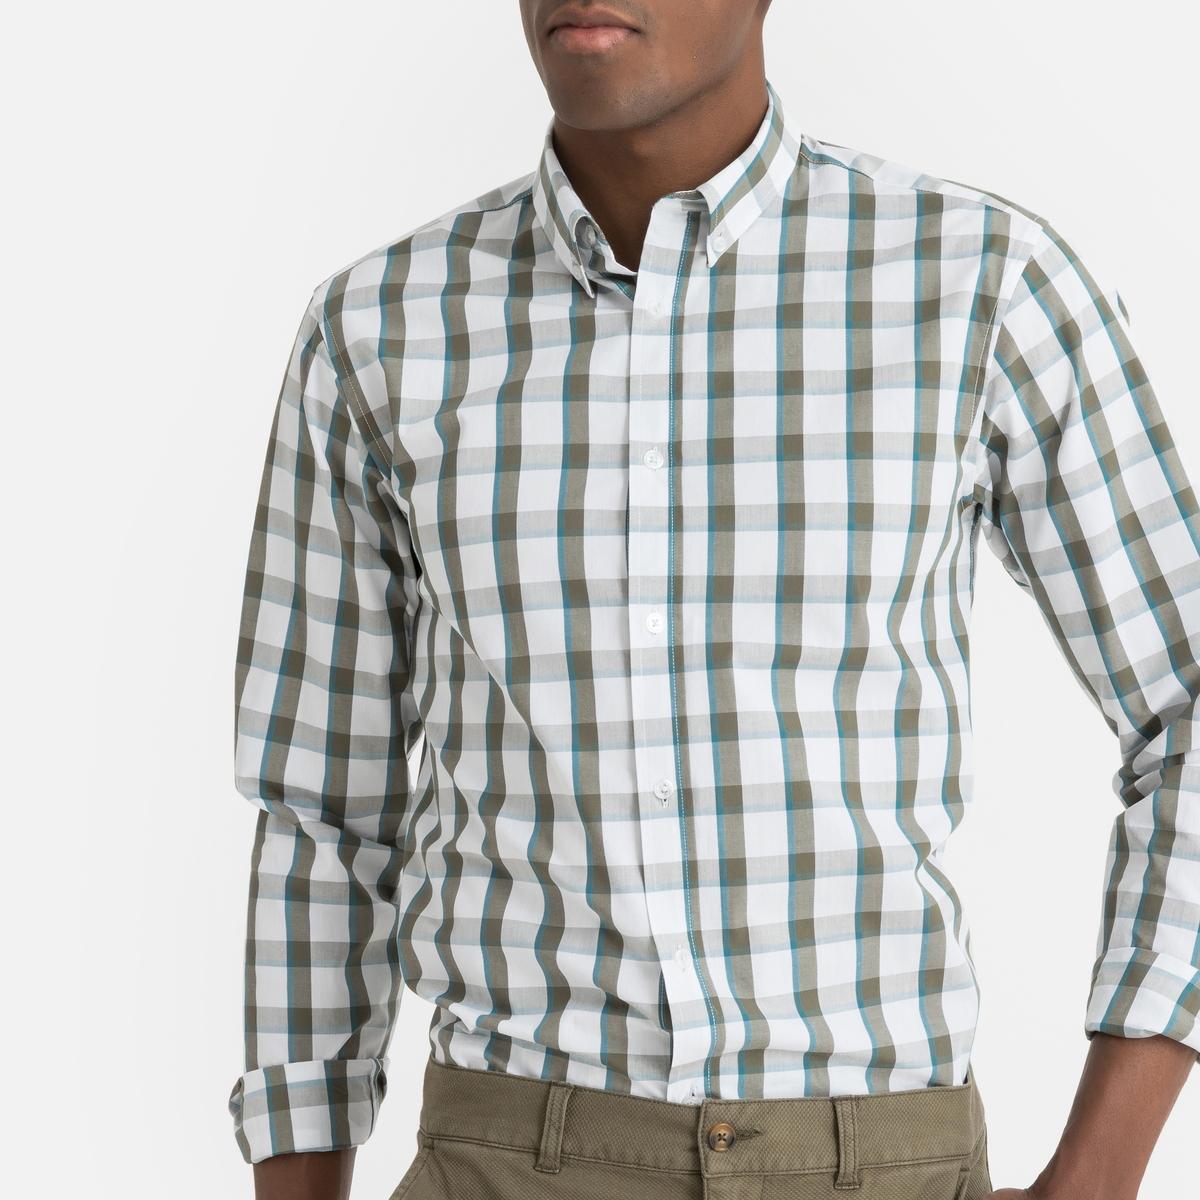 Рубашка La Redoute Прямого покроя в клетку с длинными рукавами 37/38 белый рубашка la redoute прямого покроя в клетку с длинными рукавами 45 46 серый